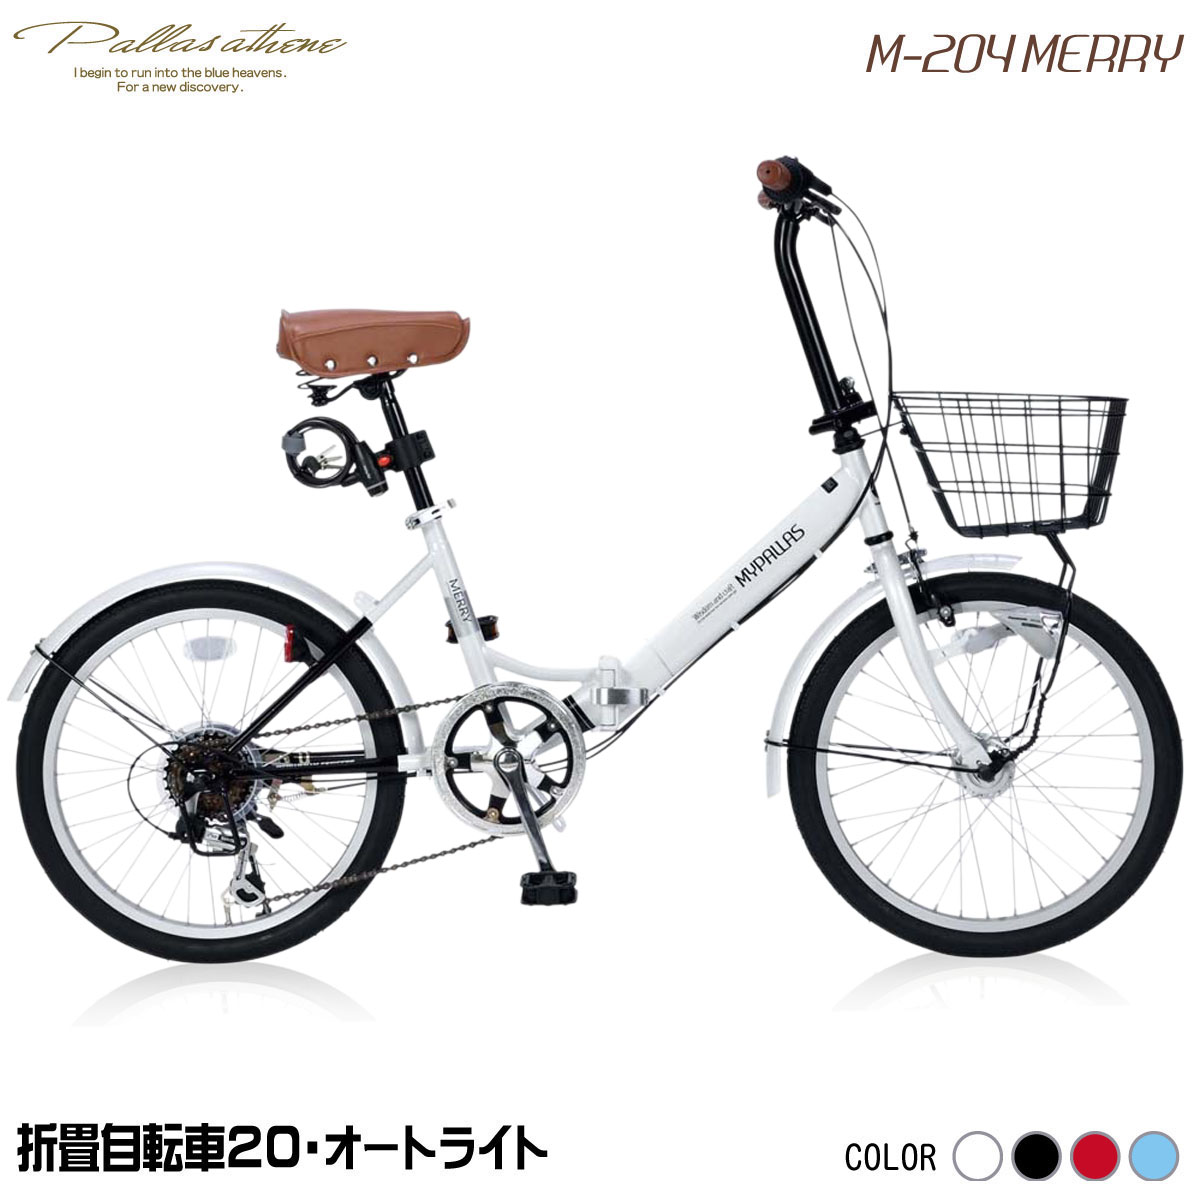 【送料無料】マイパラス M-204-W ホワイト [折り畳み自転車(20インチ・6段変速)]【同梱配送不可】【代引き不可】【本州以外配送不可】